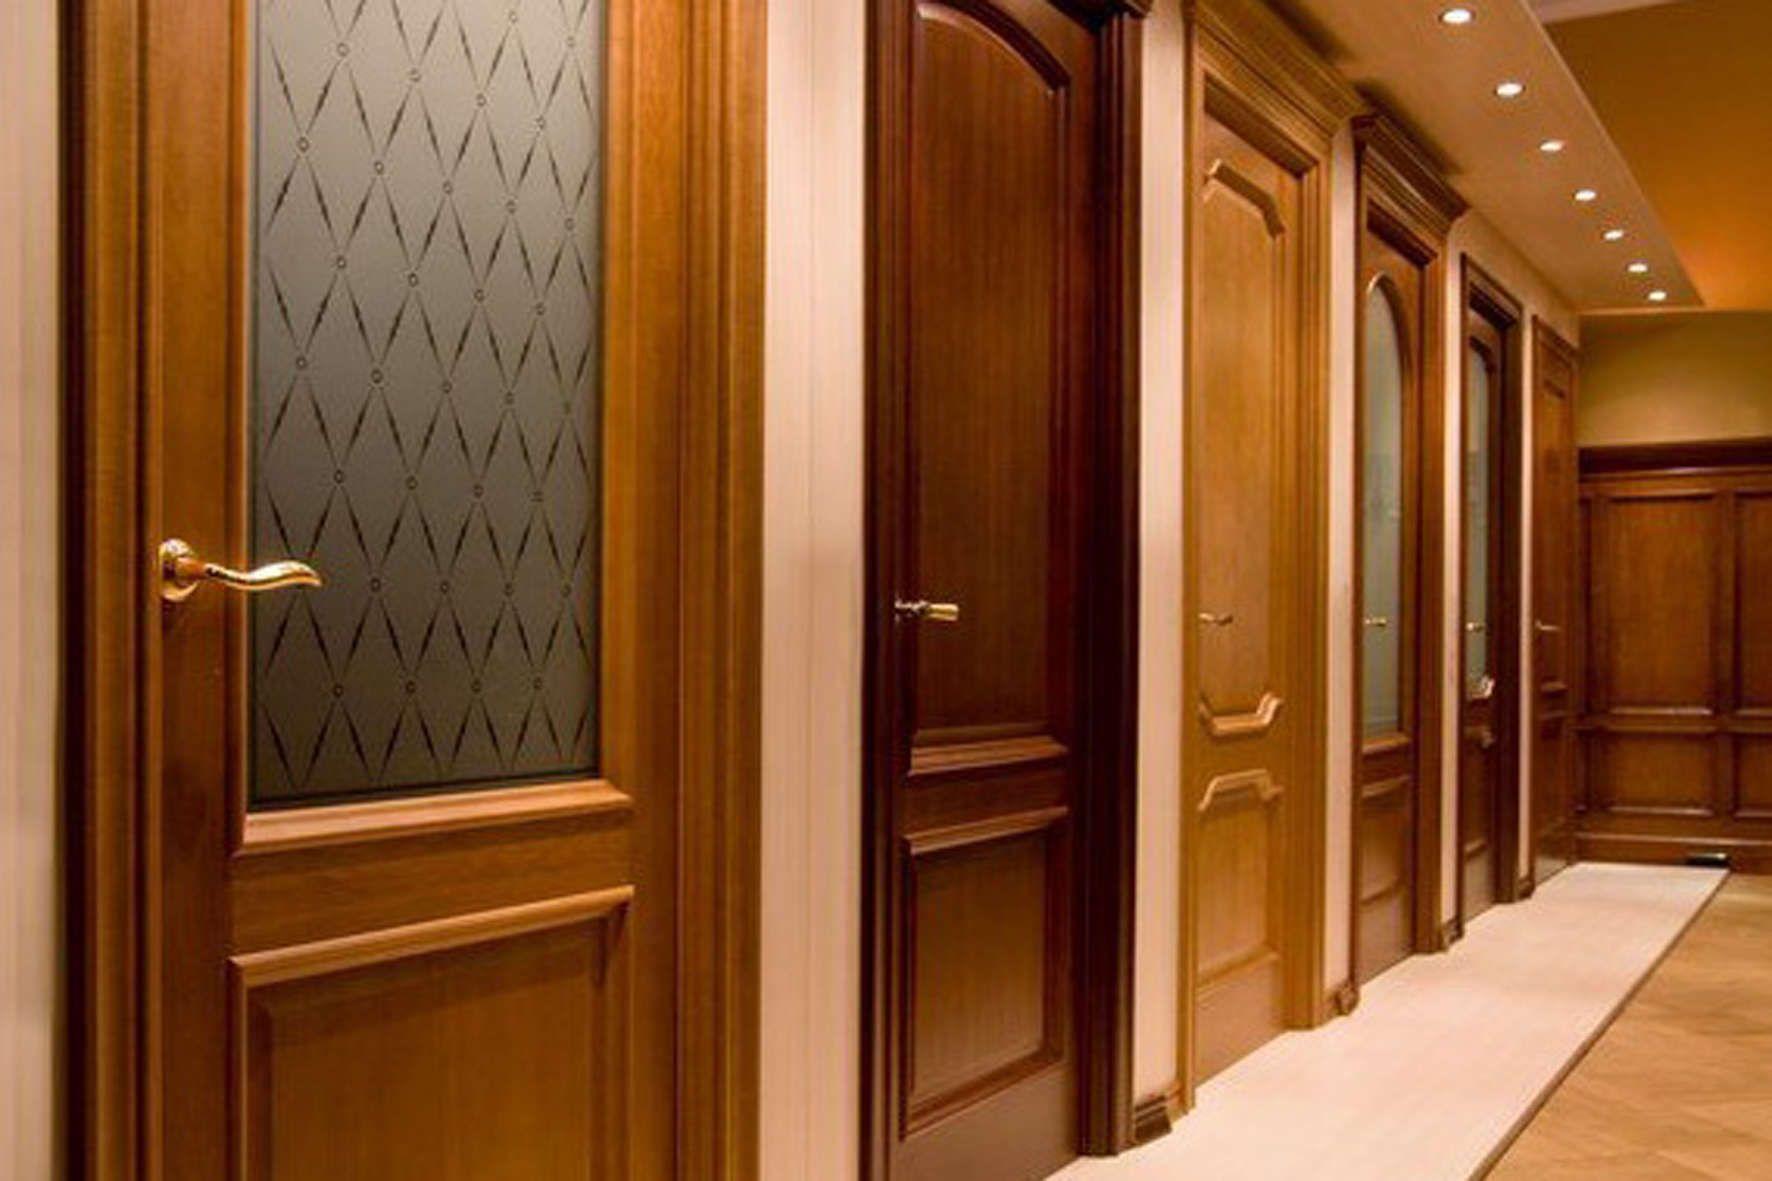 Межкомнатная дверь, как важная часть интерьера